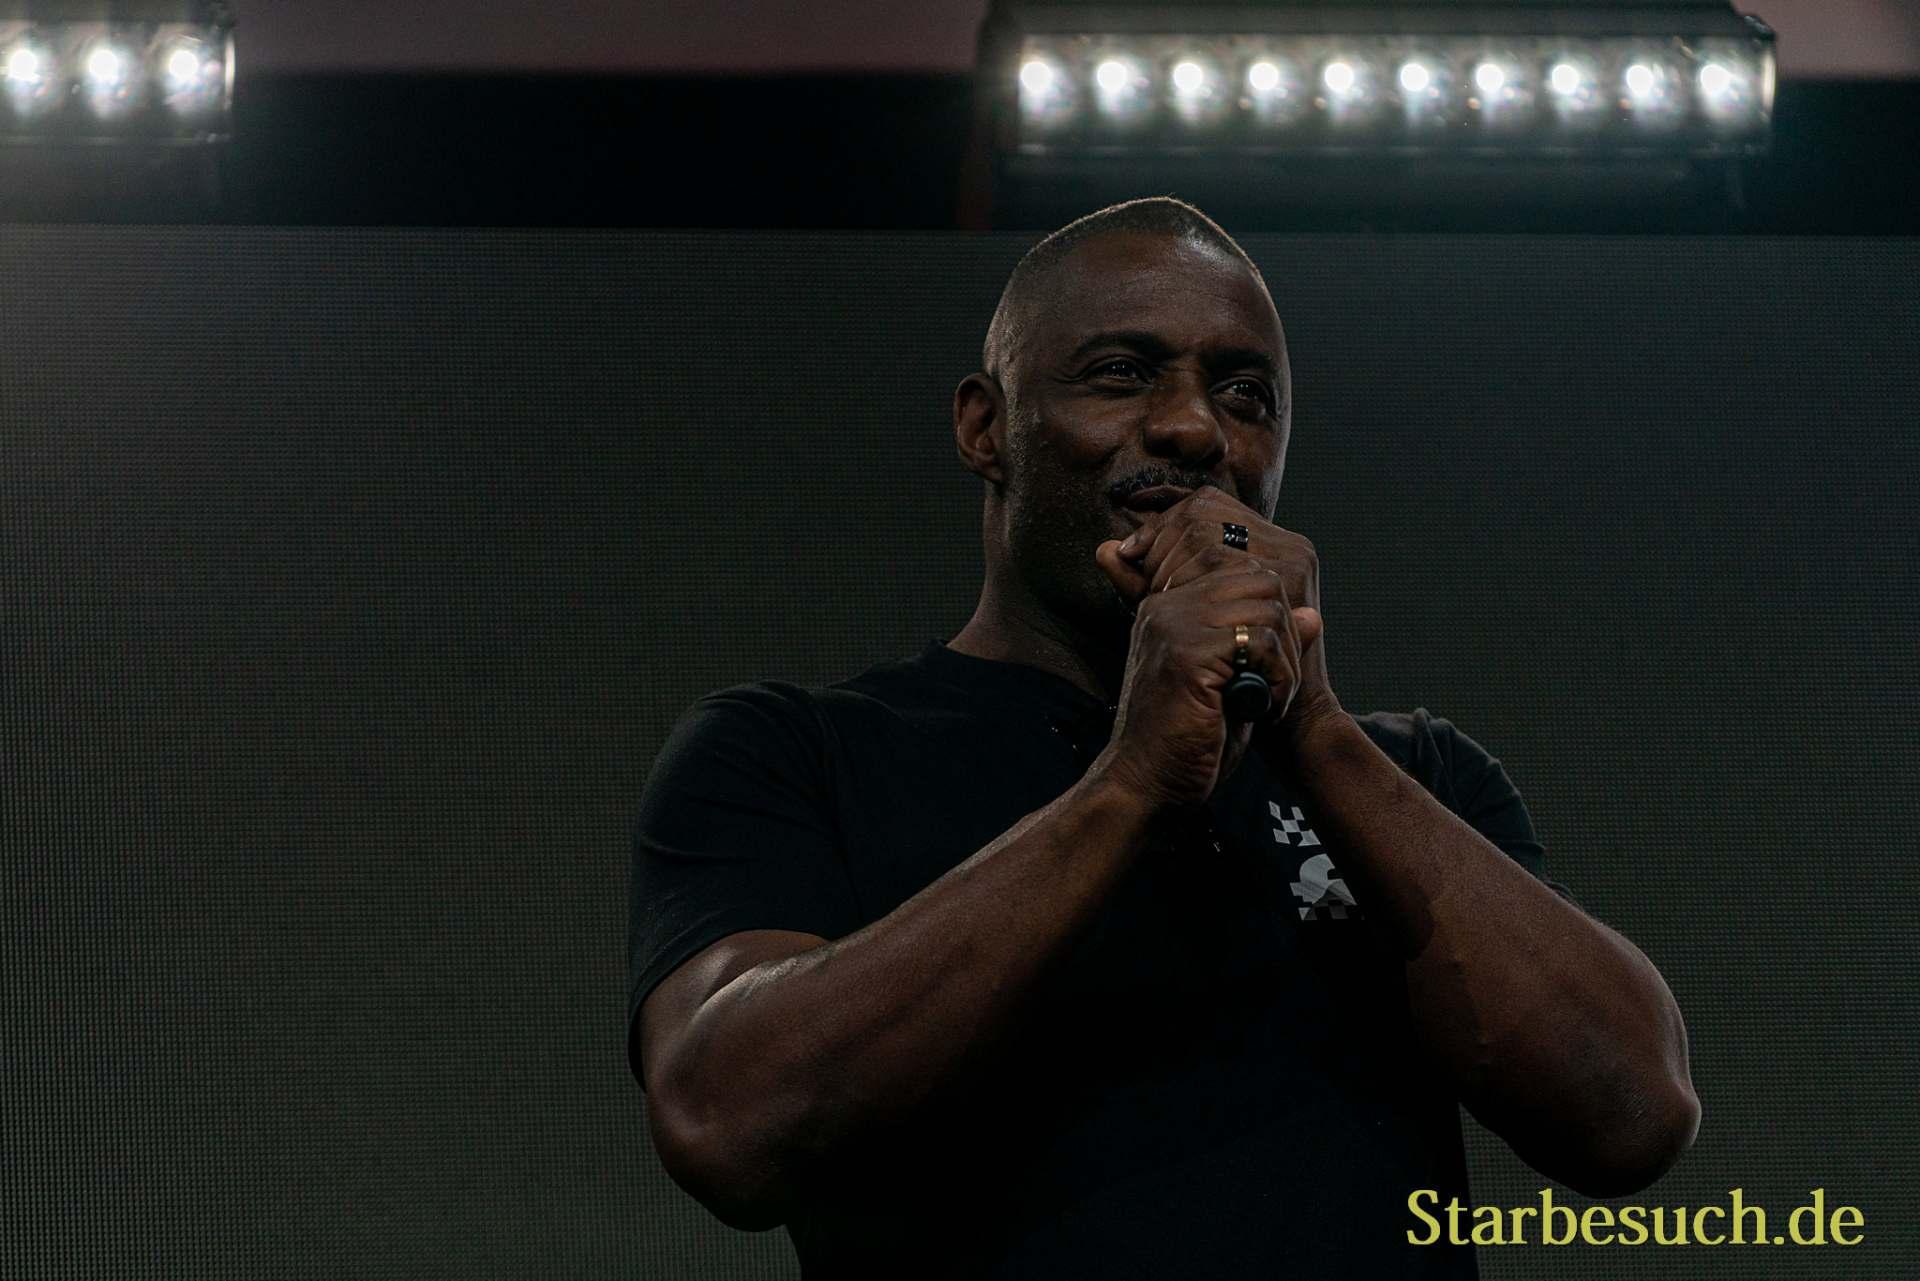 COLOGNE, GERMANY - JUN 28th 2019: Idris Elba at CCXP Cologne